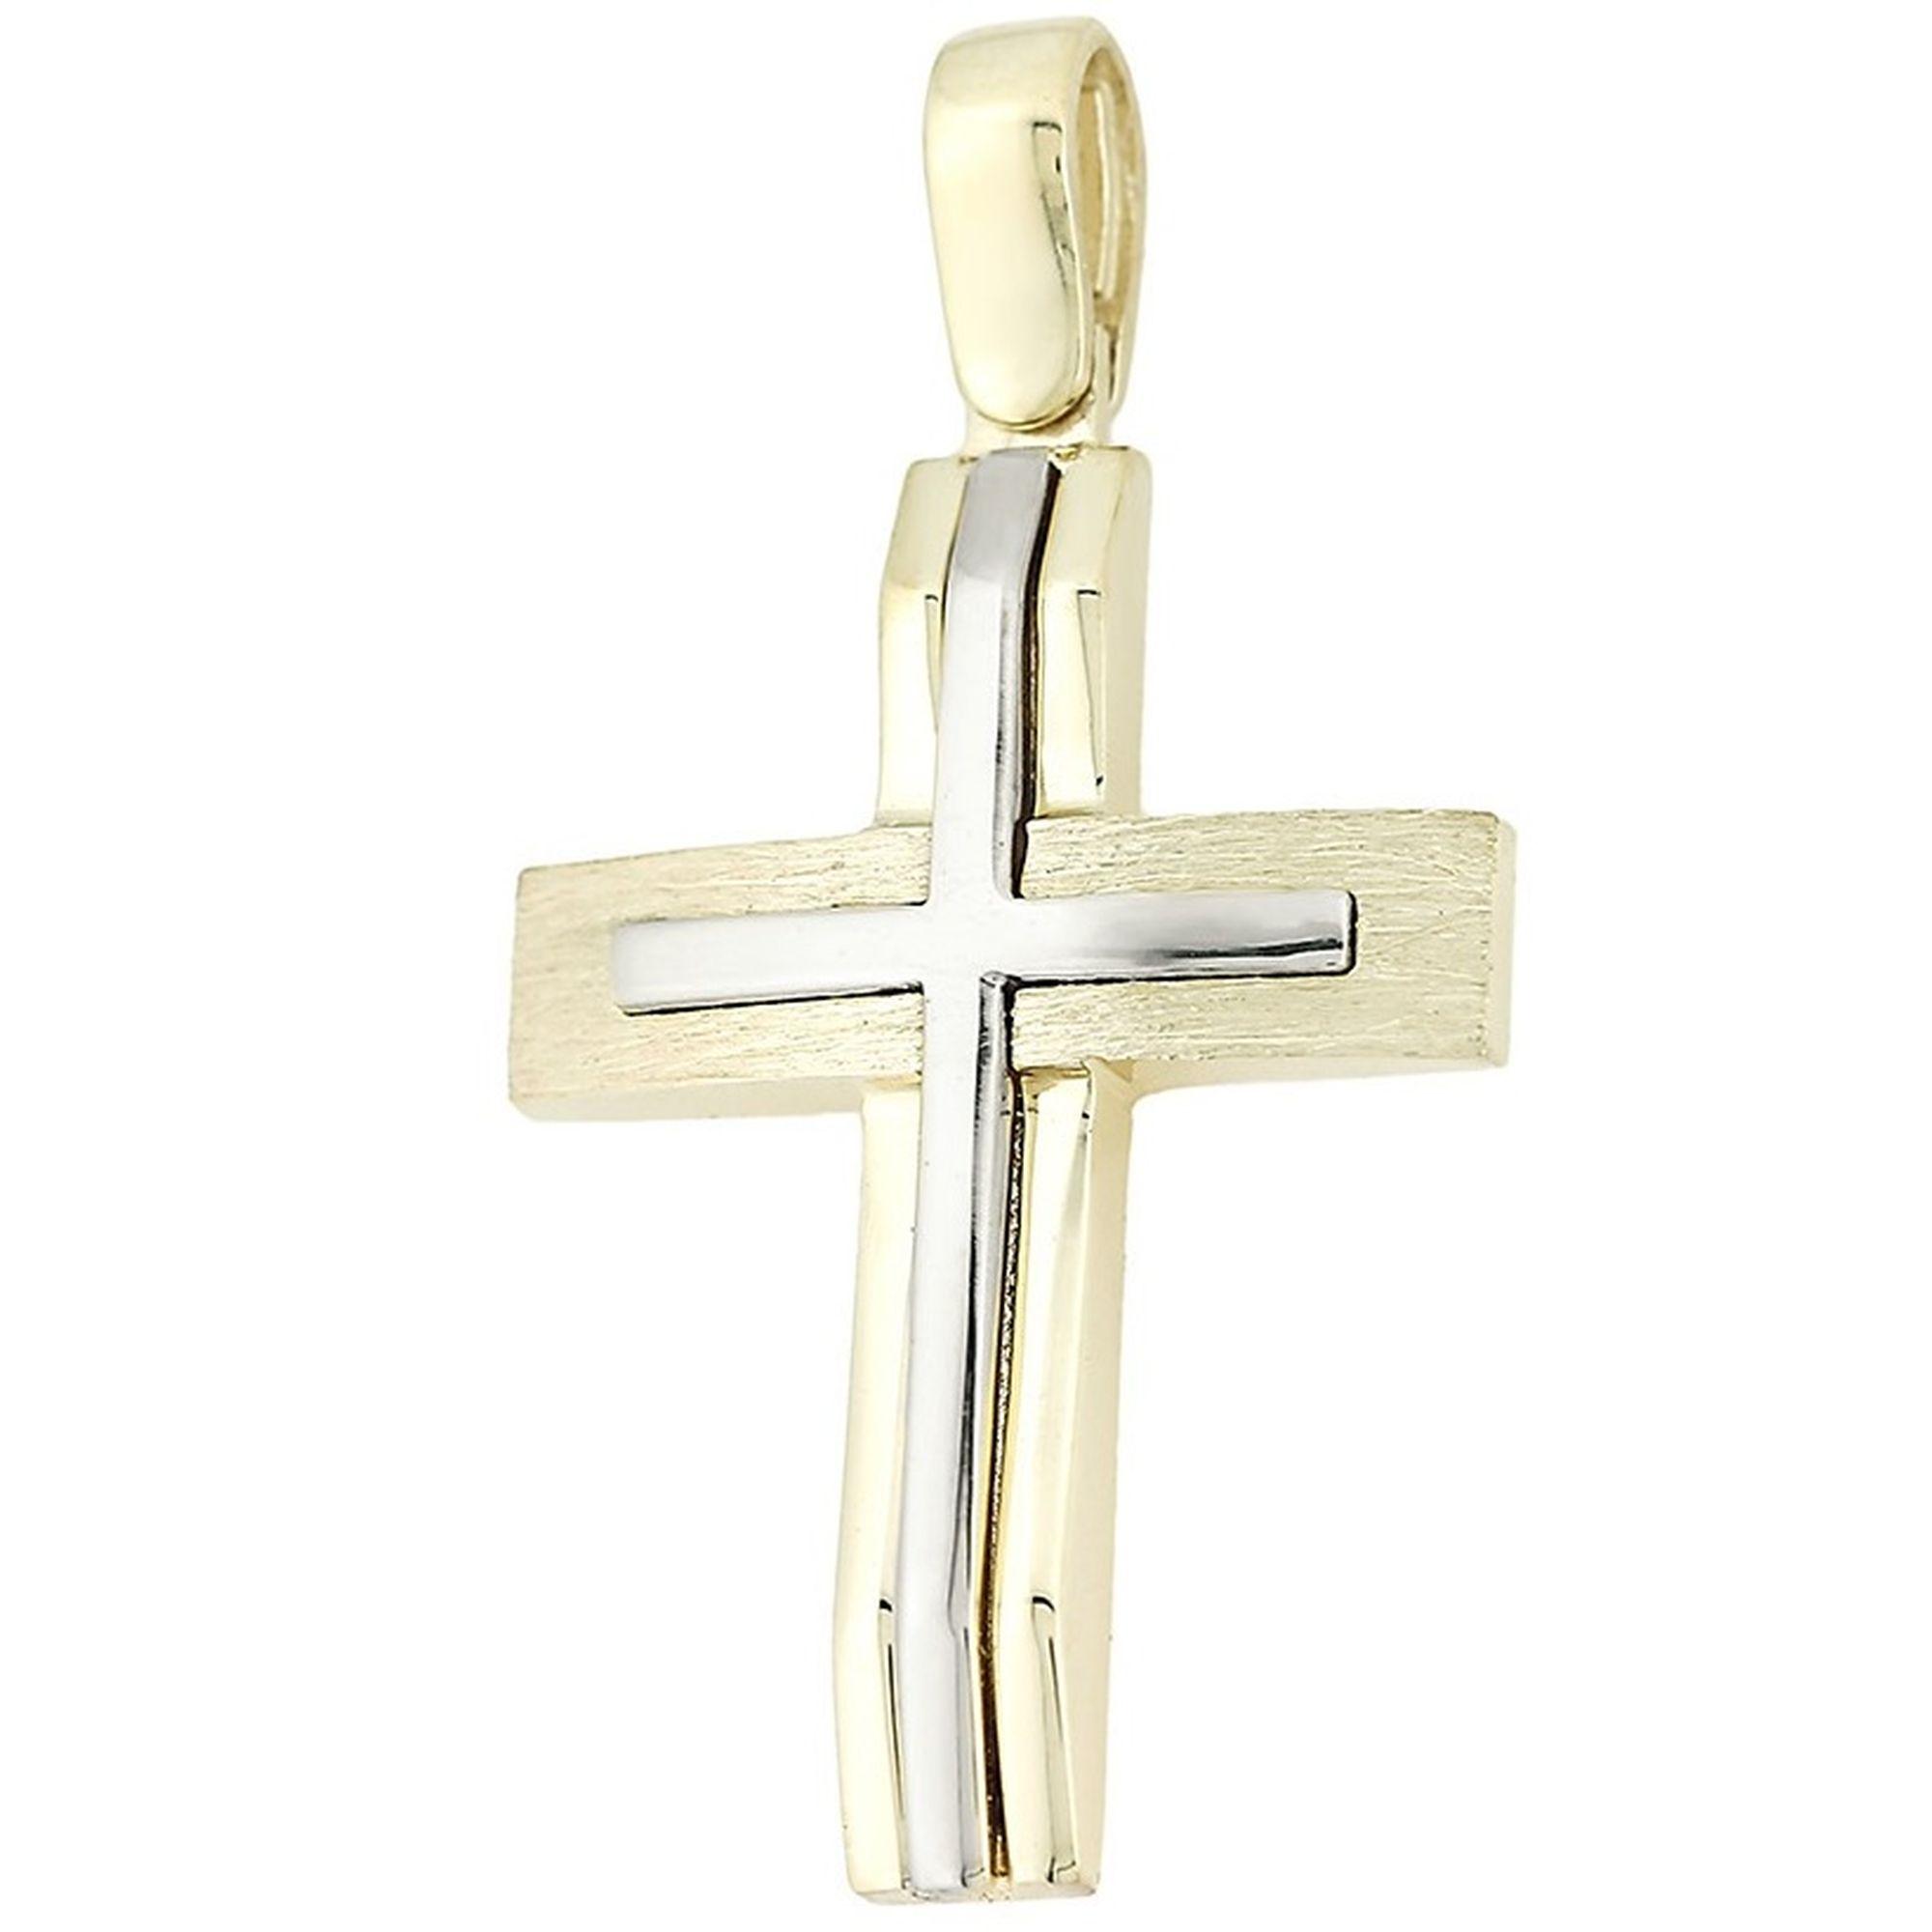 σταυρός, σταυρός για βάπτιση, Γυναικείος σταυρόςμε πέτρες, Δωρεάν μεταφορικά, Σταυρός 14 καρατίων